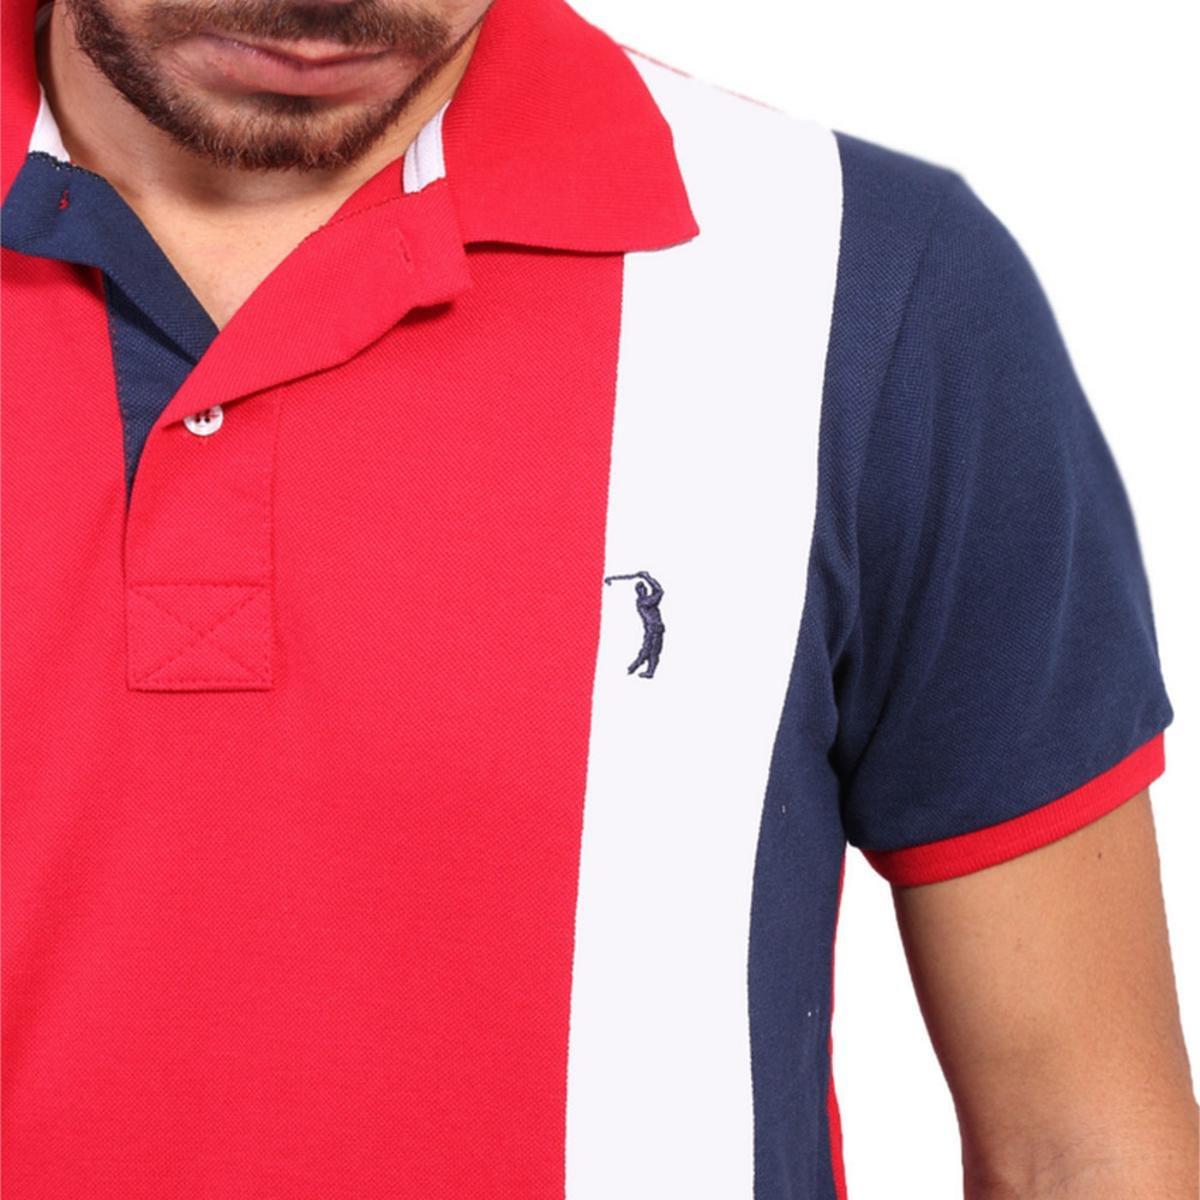 a328a77d8c Camisa Polo Golf Club Listrada Masculina - Vermelho e Marinho ...